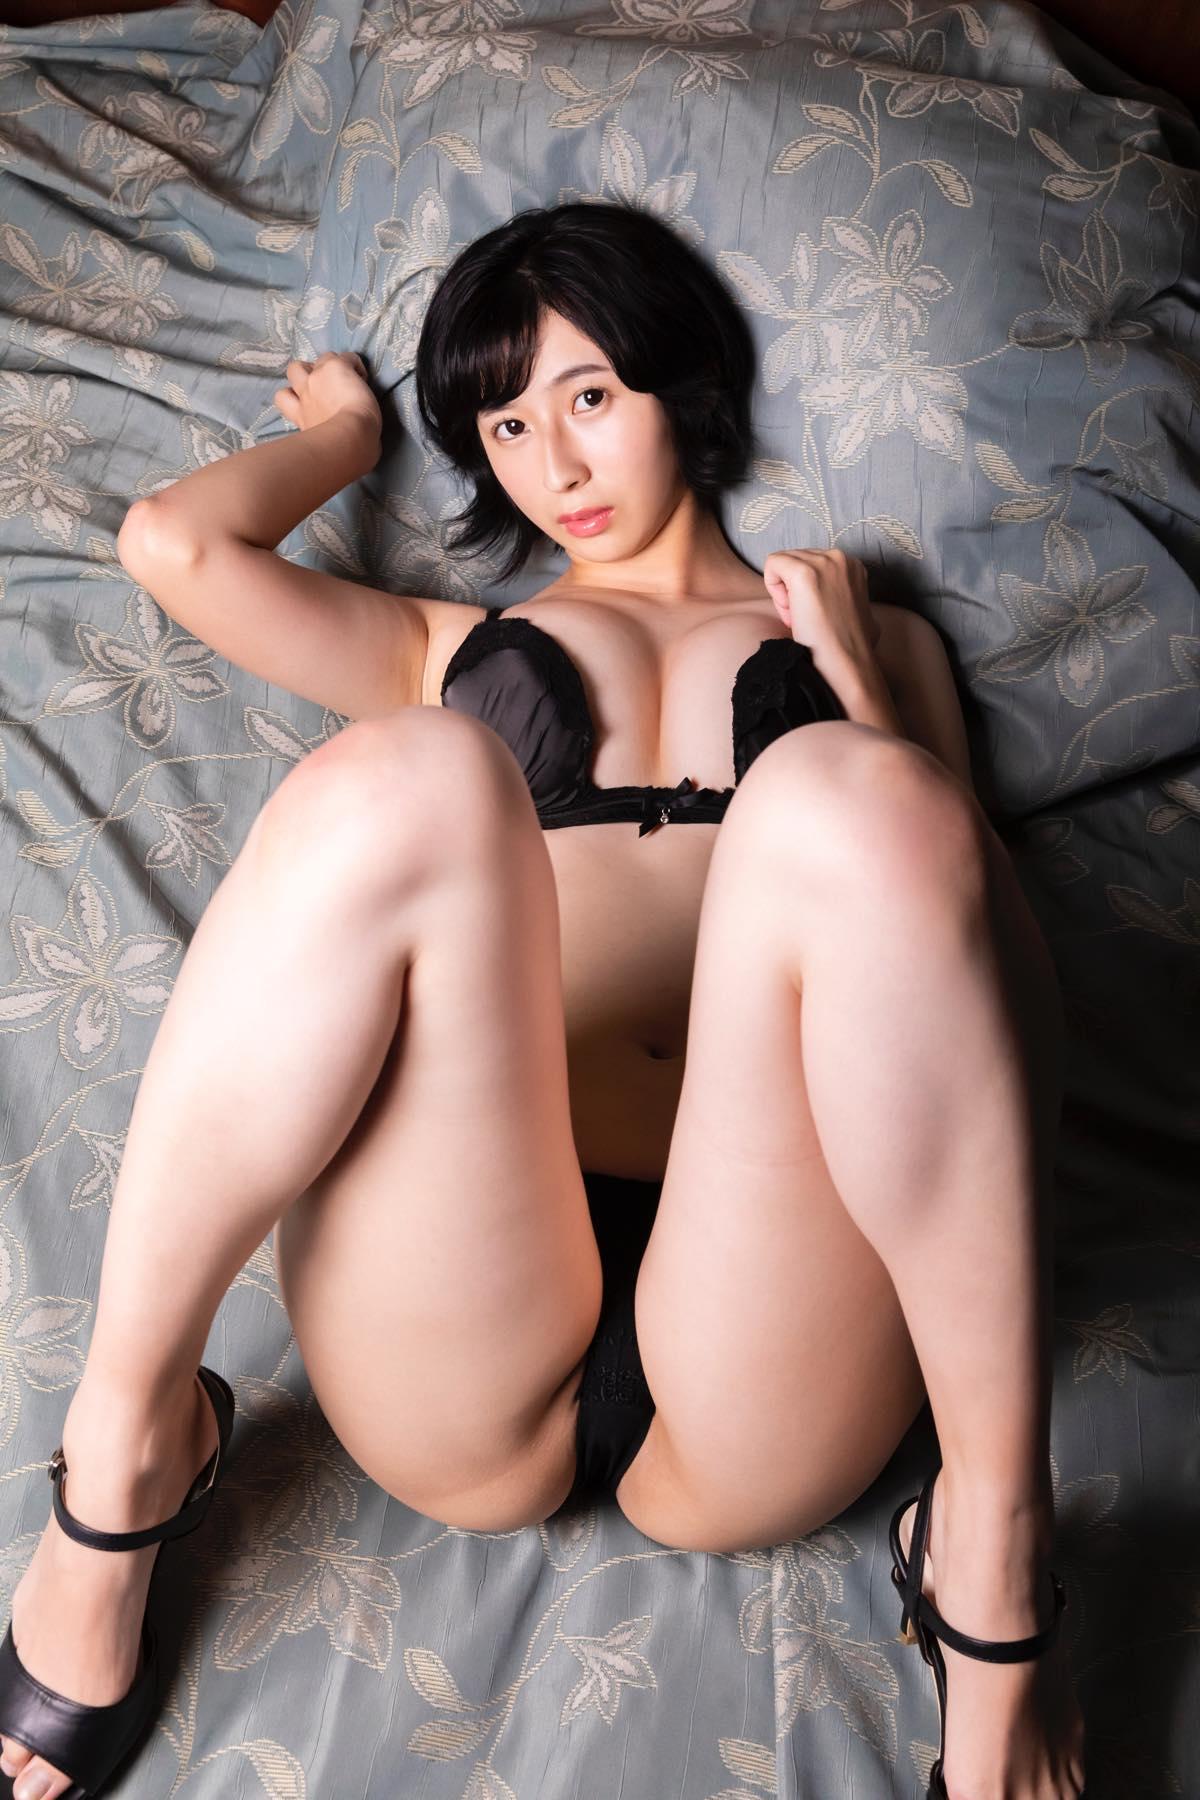 星名莉菜「国民的逸材」フレッシュな美少女が鮮烈デビュー!【画像13枚】の画像013